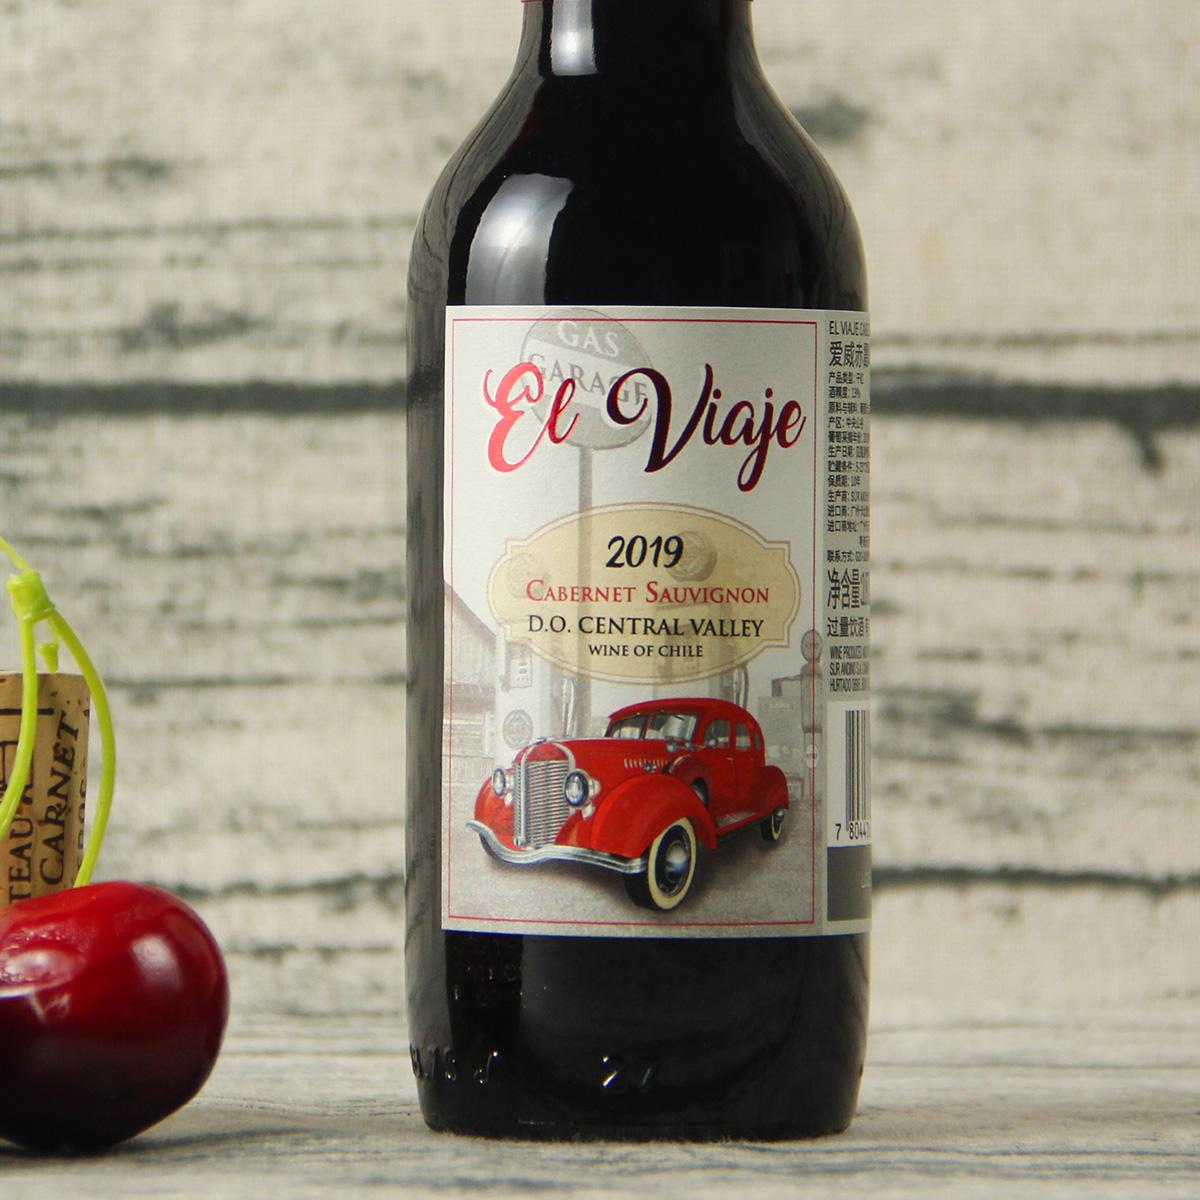 智利中央山谷爱威赤霞珠红葡萄酒红酒